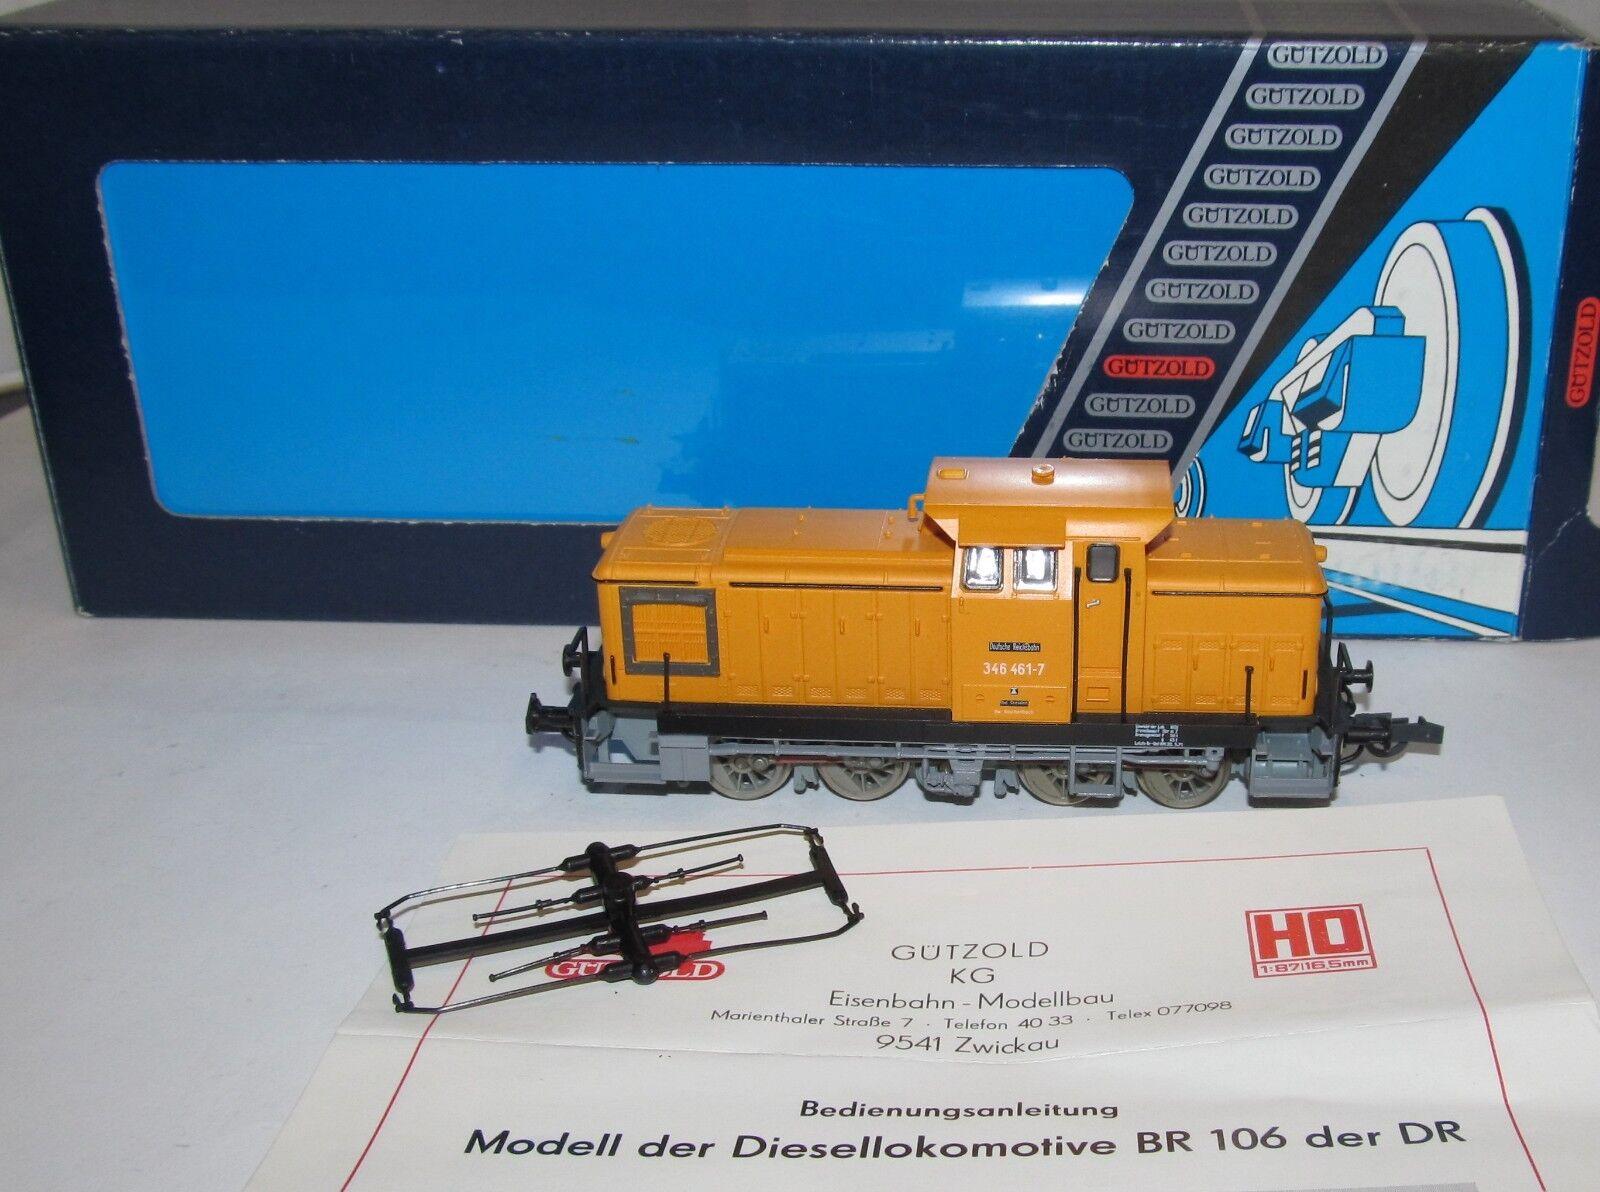 Gützold H0 25 800    (25800) analoge Diesellok BR 346 461-7 DR, OVP, XR2190X    Feinbearbeitung  d6de74